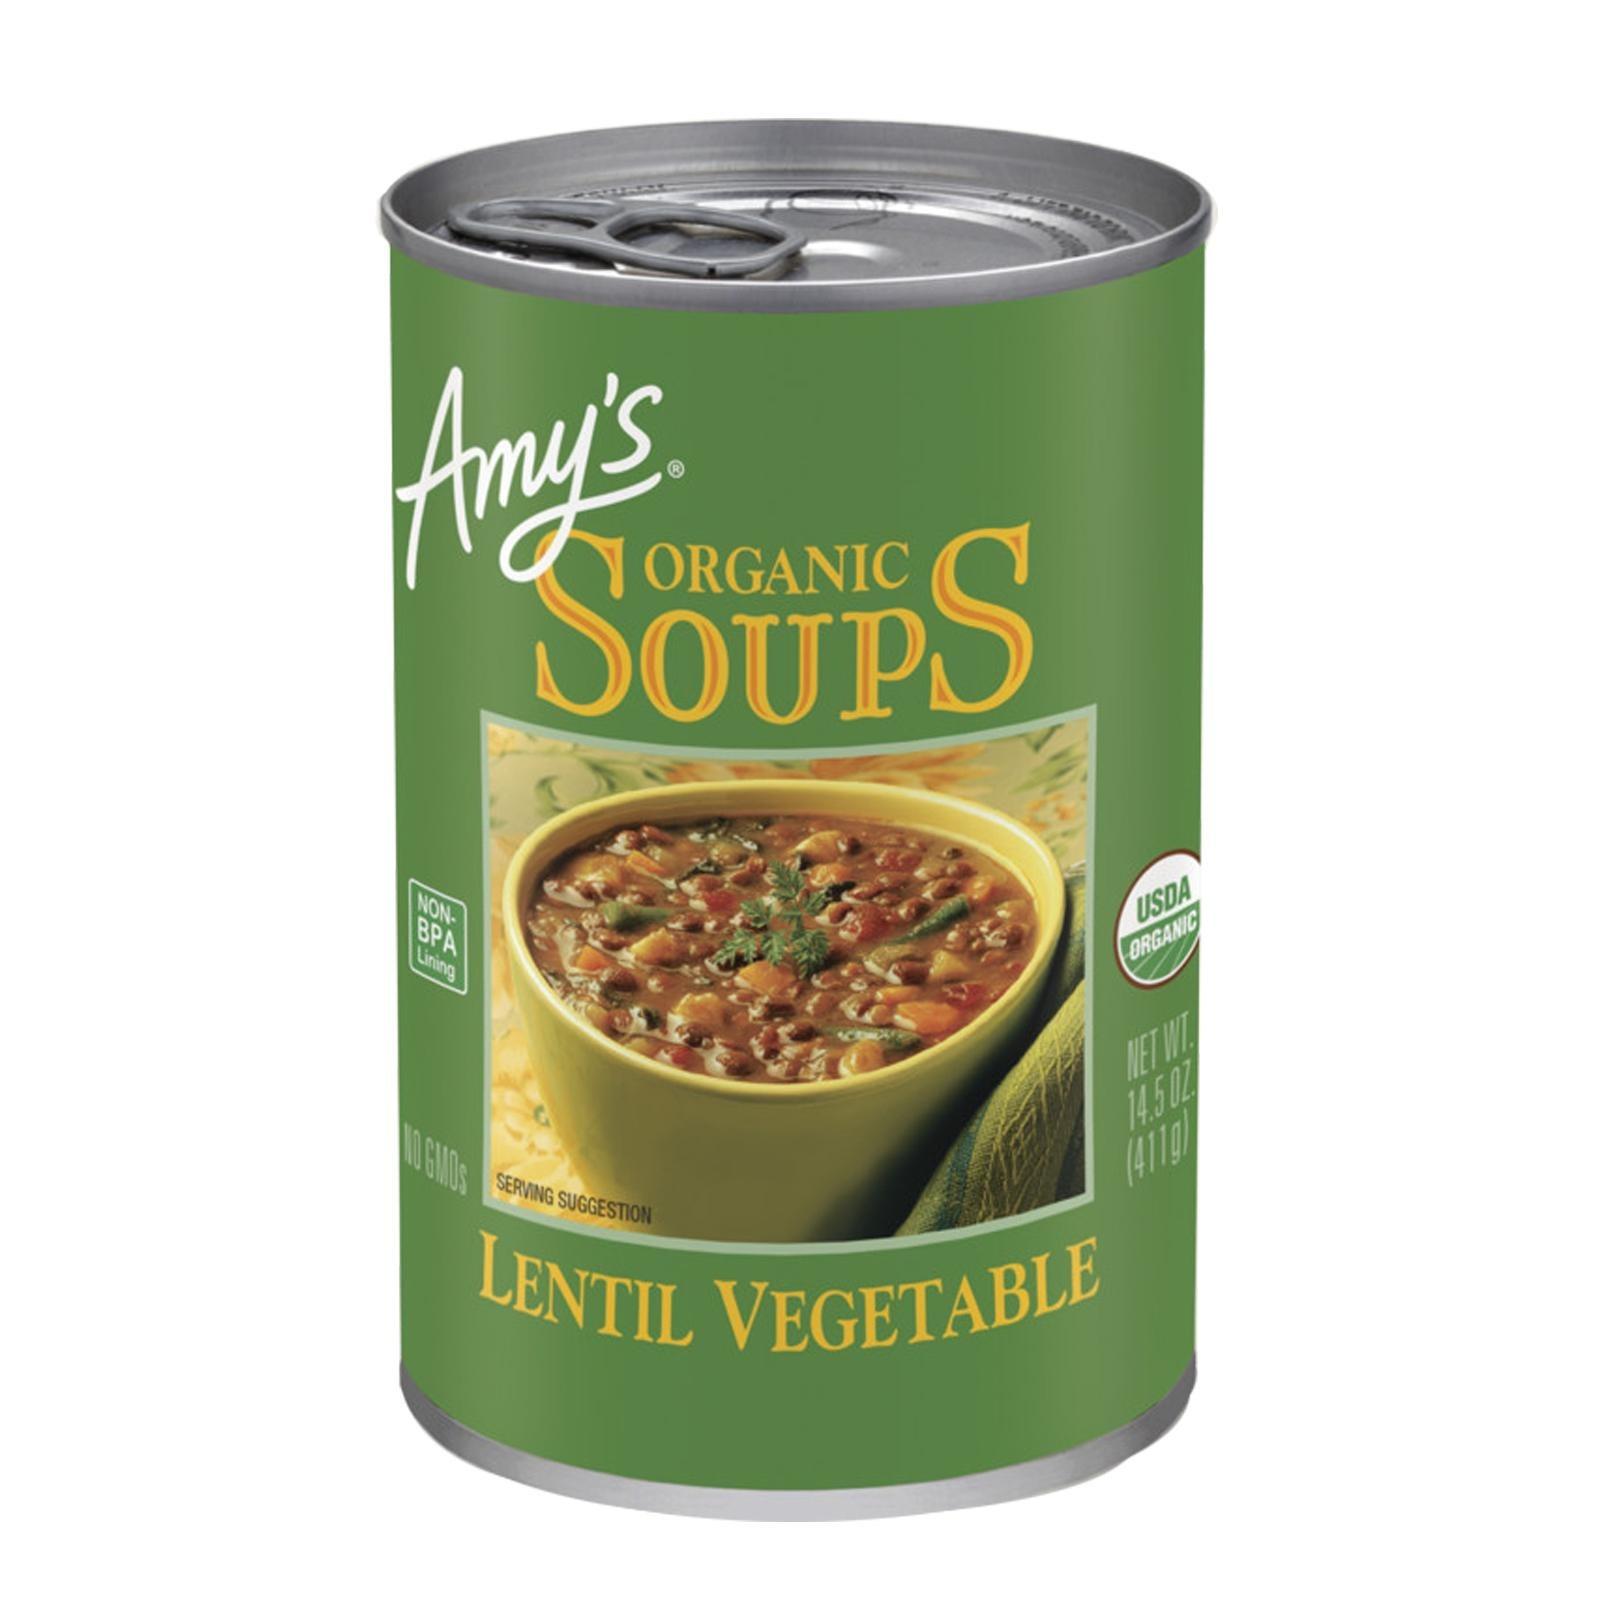 Amy's Kitchen Organic Soup Lentil Vegetable